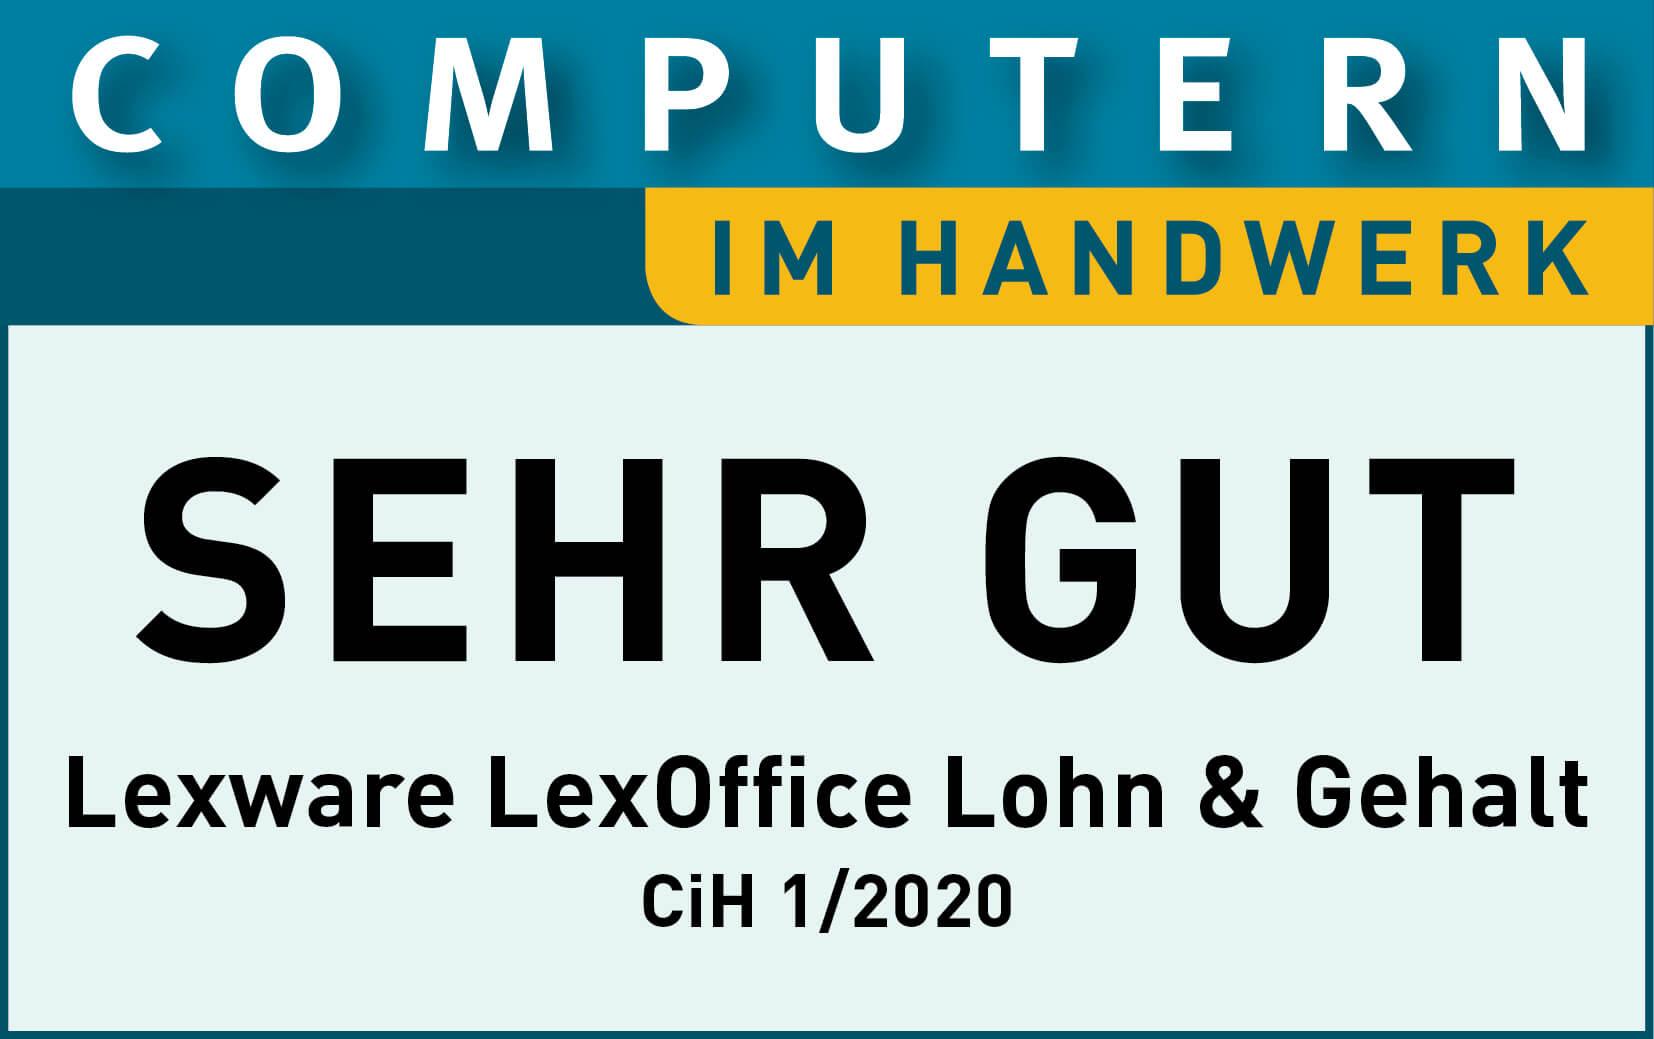 Loh Computer Handwerk Siegel lexoffice Rechnungsprogramm Buchhaltungssoftware